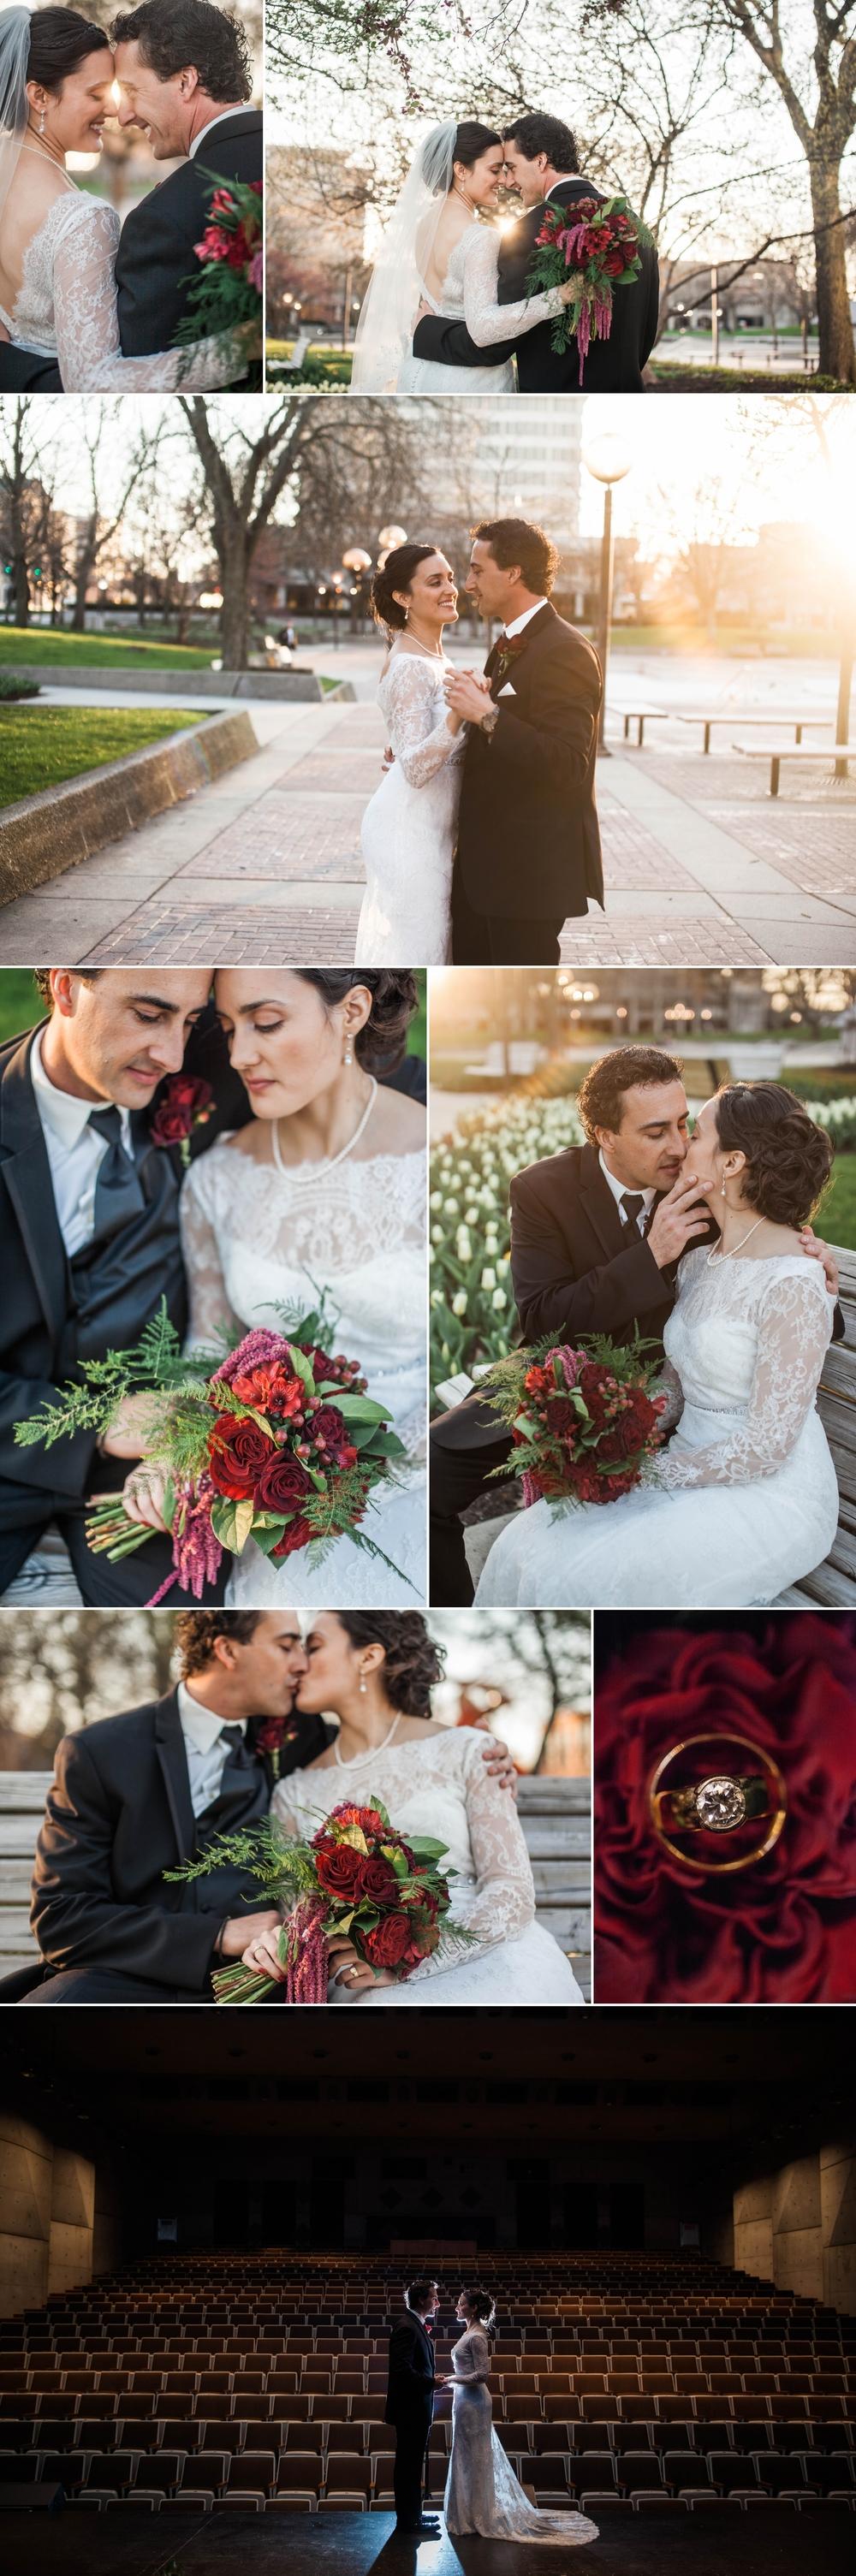 bride-wedding-shoes-park-bridal-portrait-groom-bouquet-4